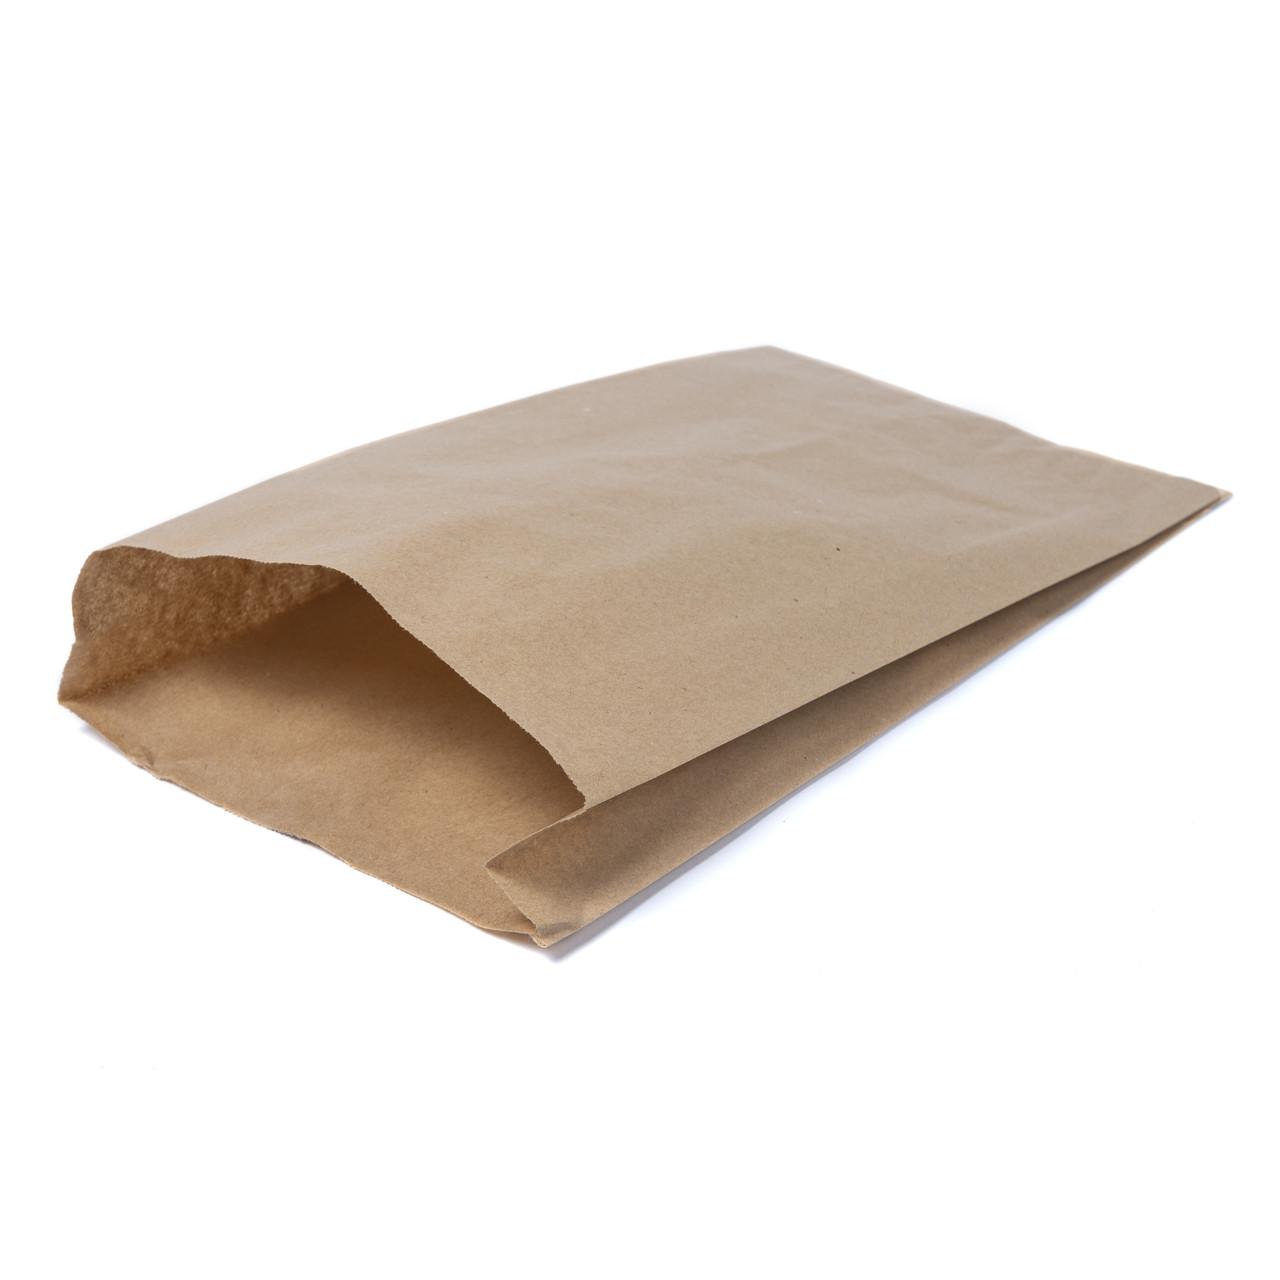 Пакет для булочек, пончиков, хачапури, выпечки 180мм*50мм*340мм.